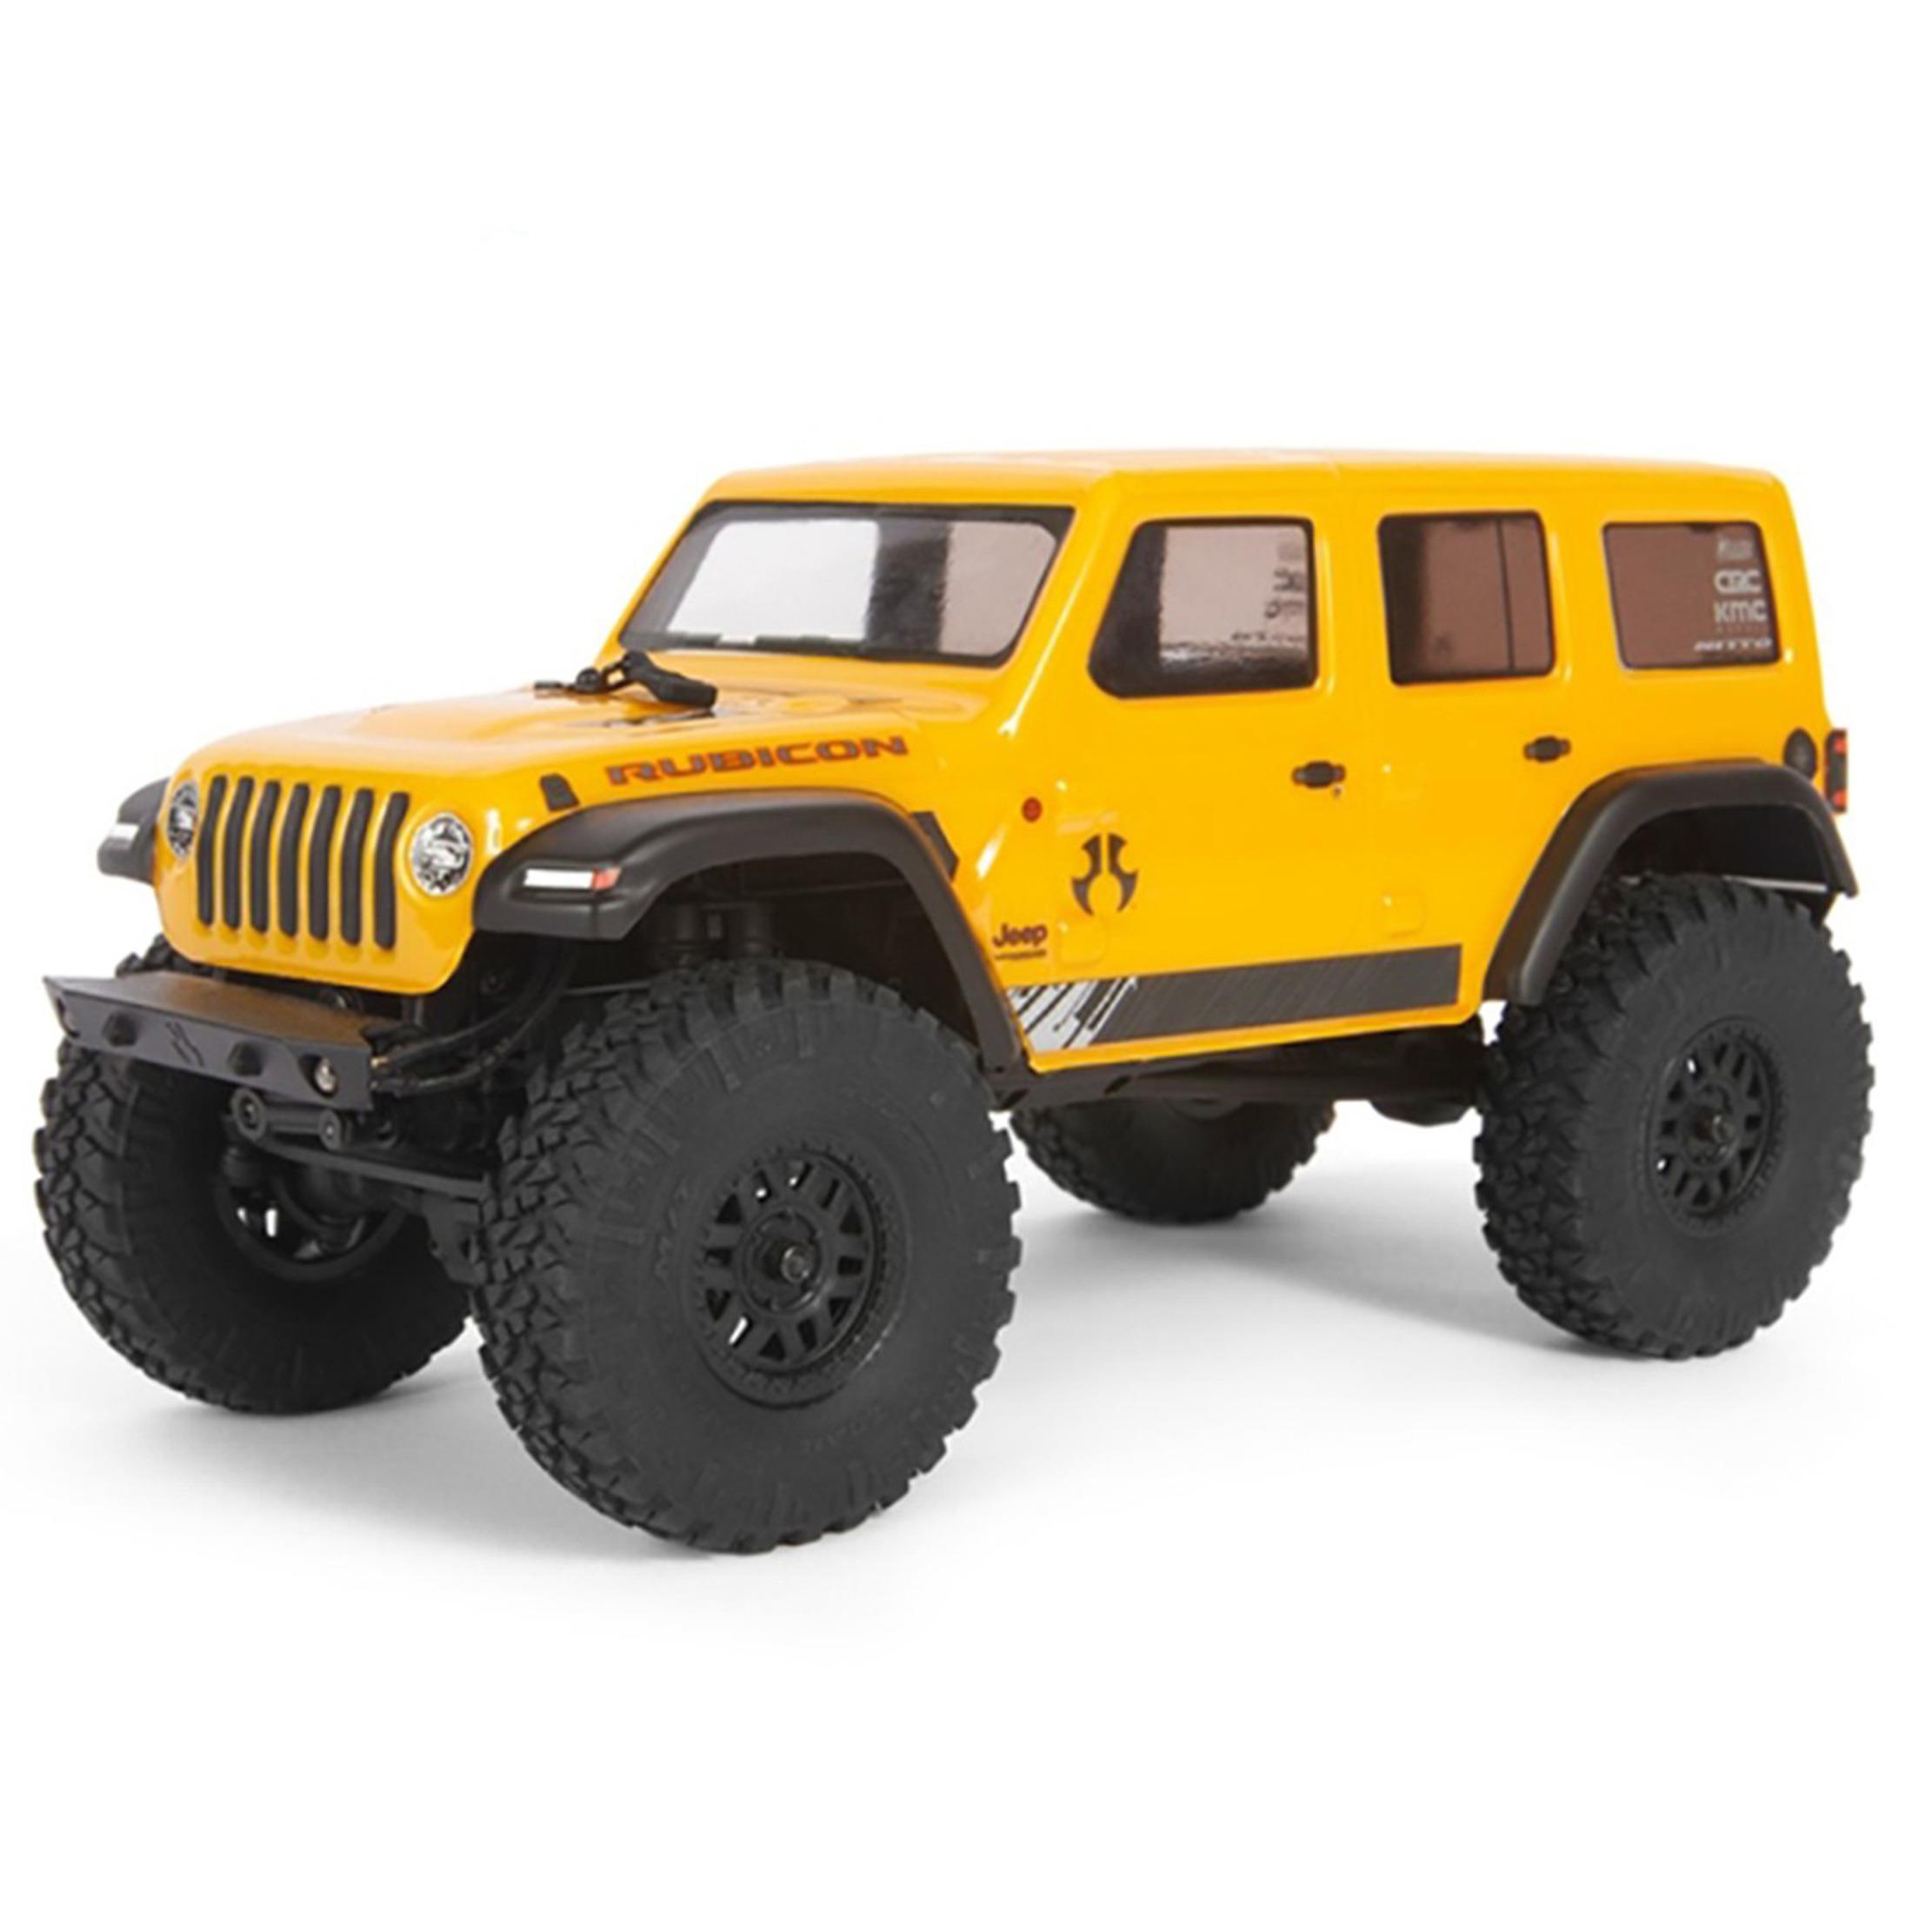 AXIAL SCX24 Jeep Wrangler 1/24 JLU CRC 4WD RTR Amarillo